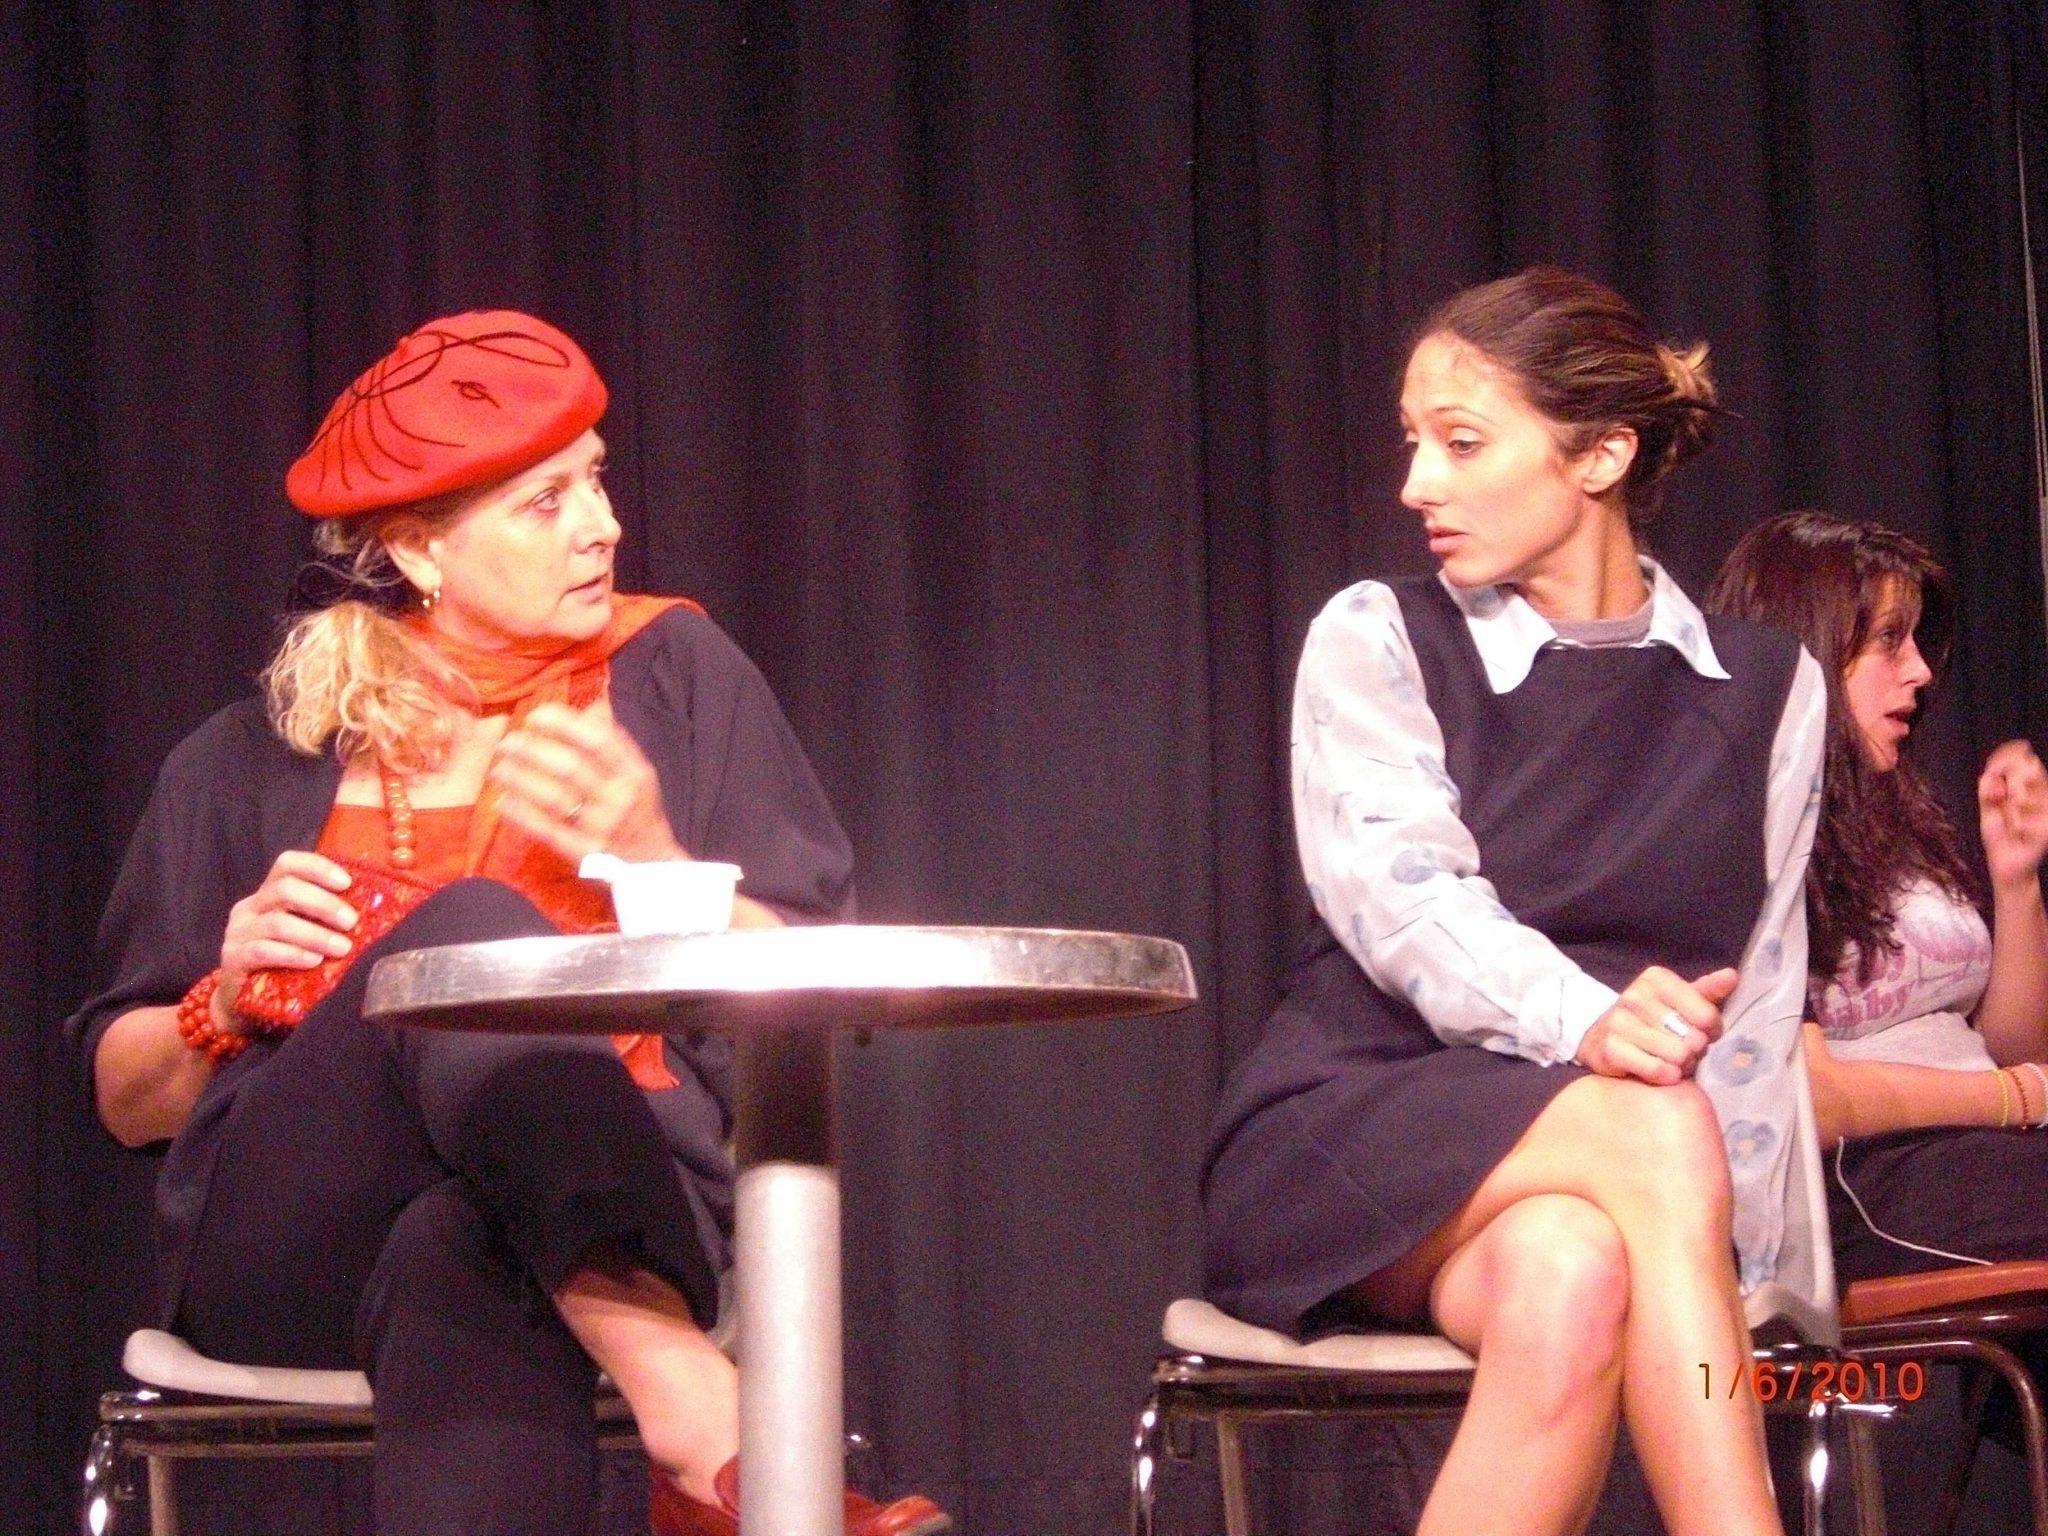 """""""Mardi, c'est théâtre"""" dans """"Diablogues"""" (Juin 2010) 13"""